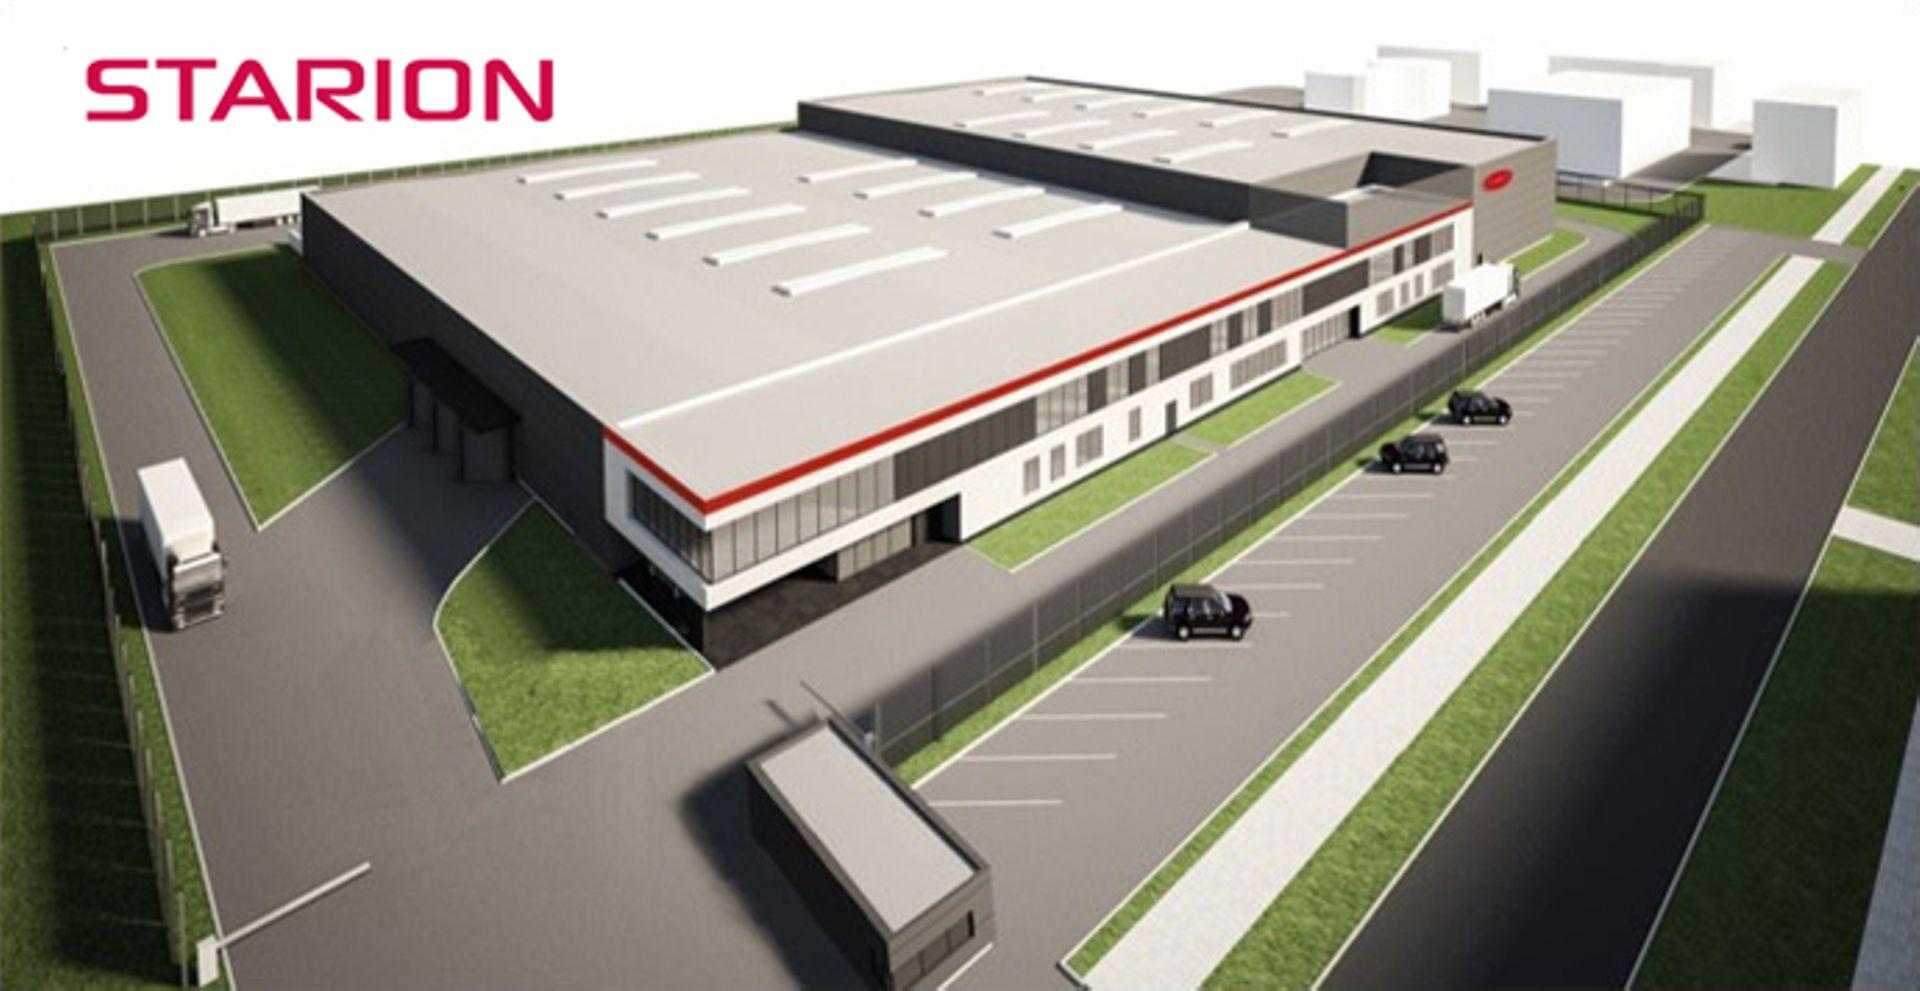 Aglomeracja Wrocławska: Koreański Starion rozpoczął rekrutację pracowników do nowej fabryki